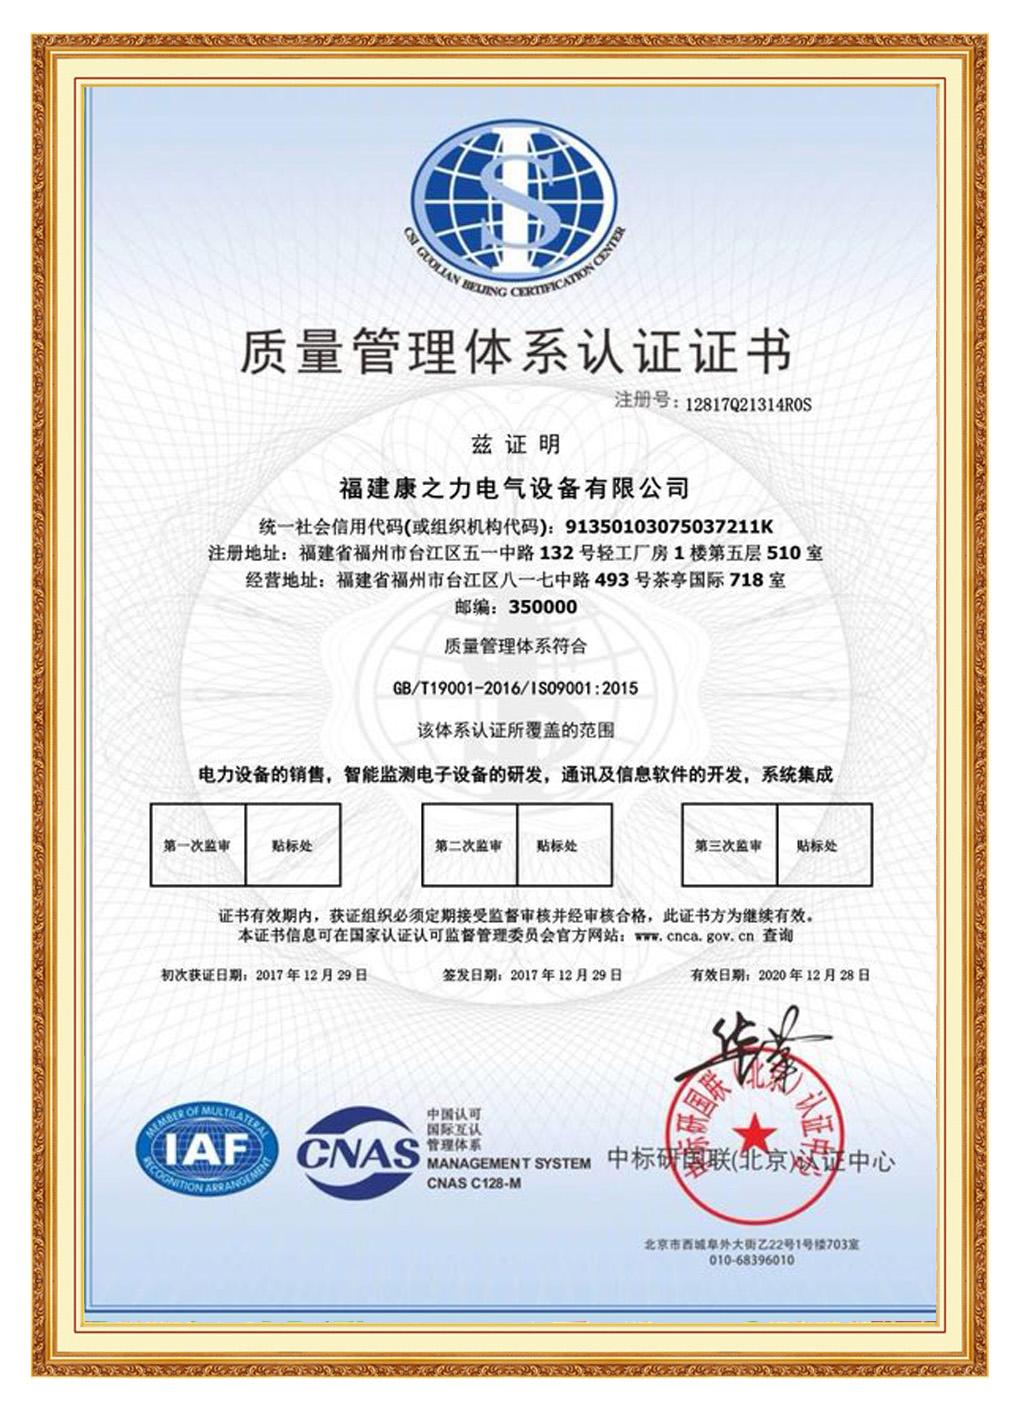 热烈祝贺我公司顺利通过ISO...